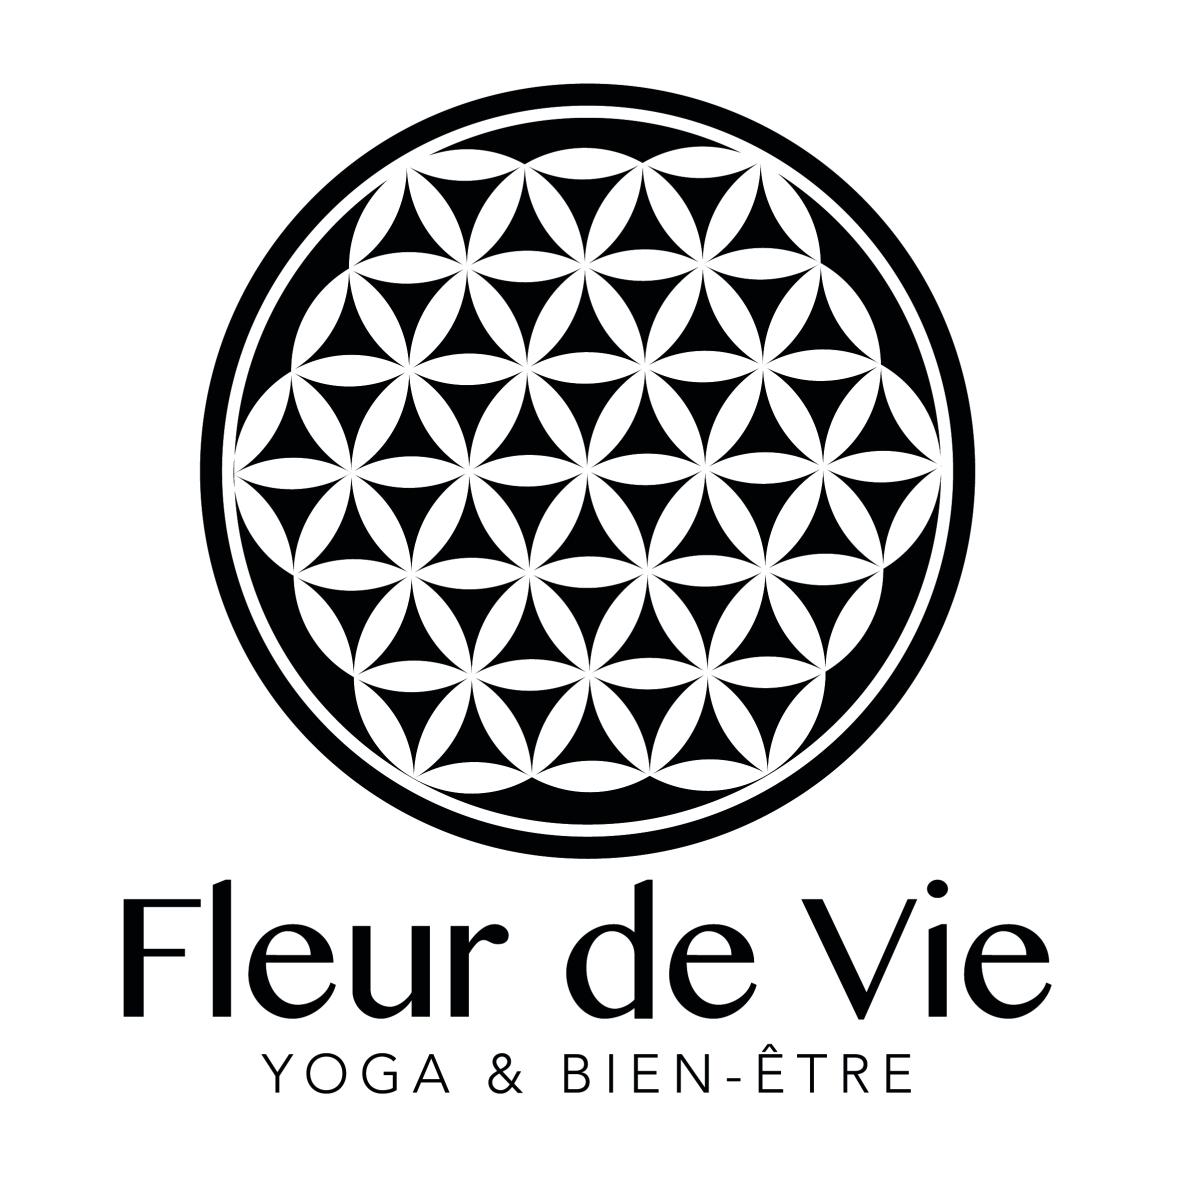 FLEUR DE VIE - LOGO NOIR CARRÉ